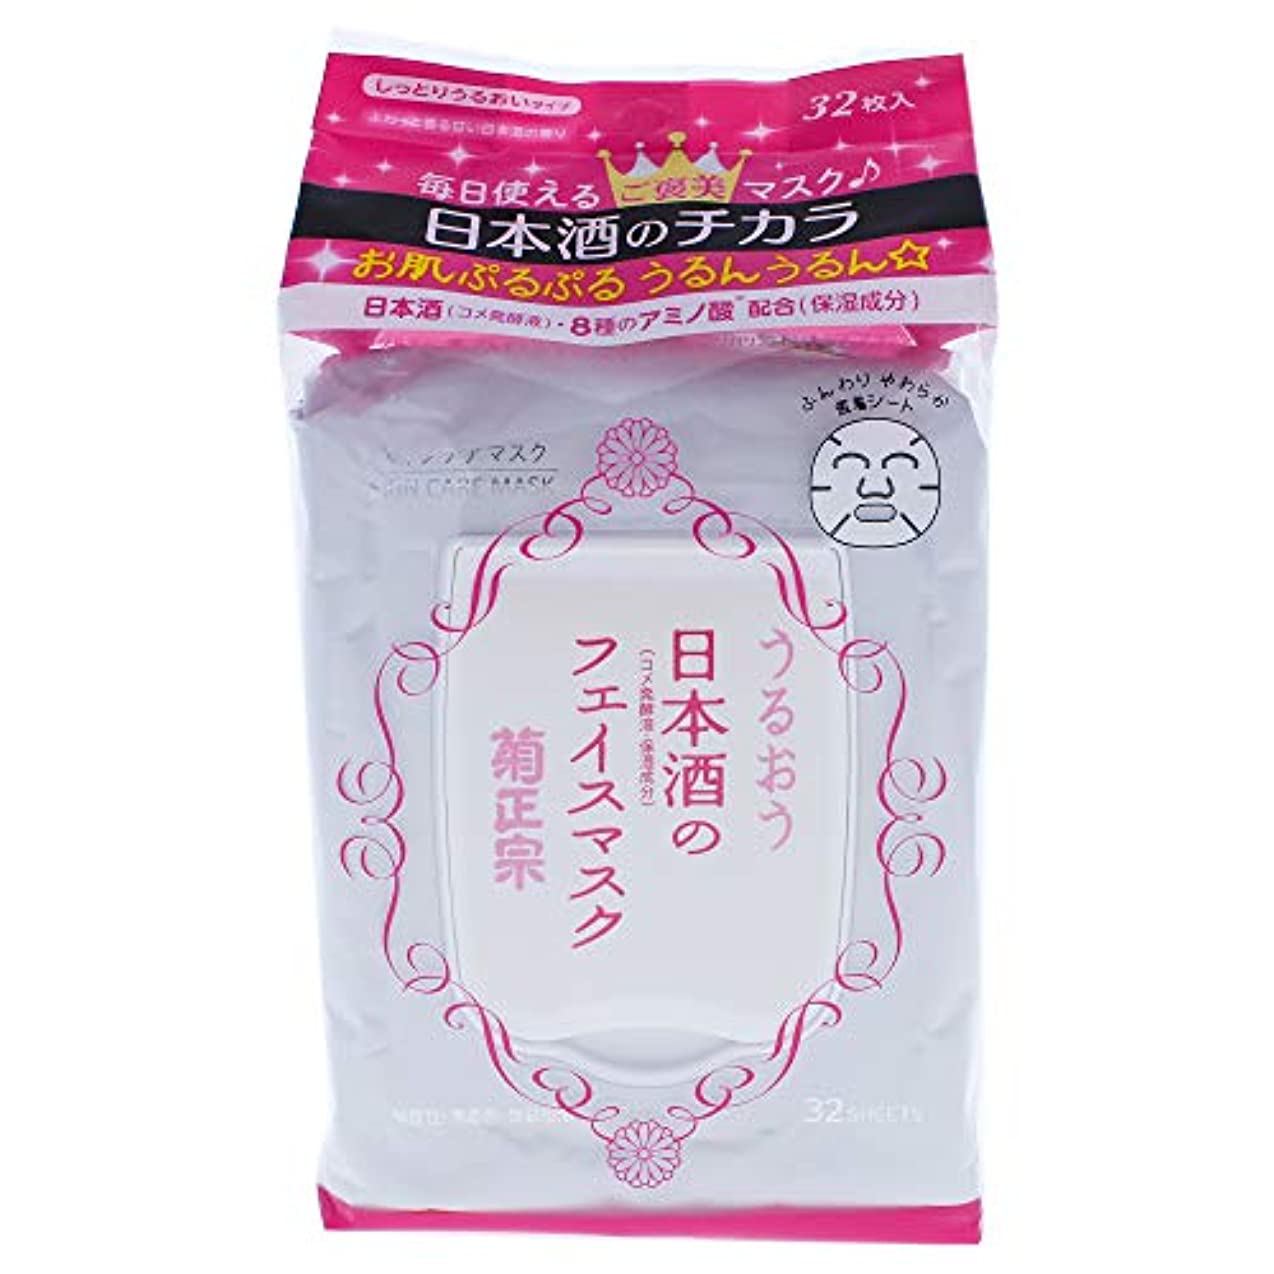 簡単な簡単なたくさん菊正宗 日本酒のフェイスマスク 32枚入